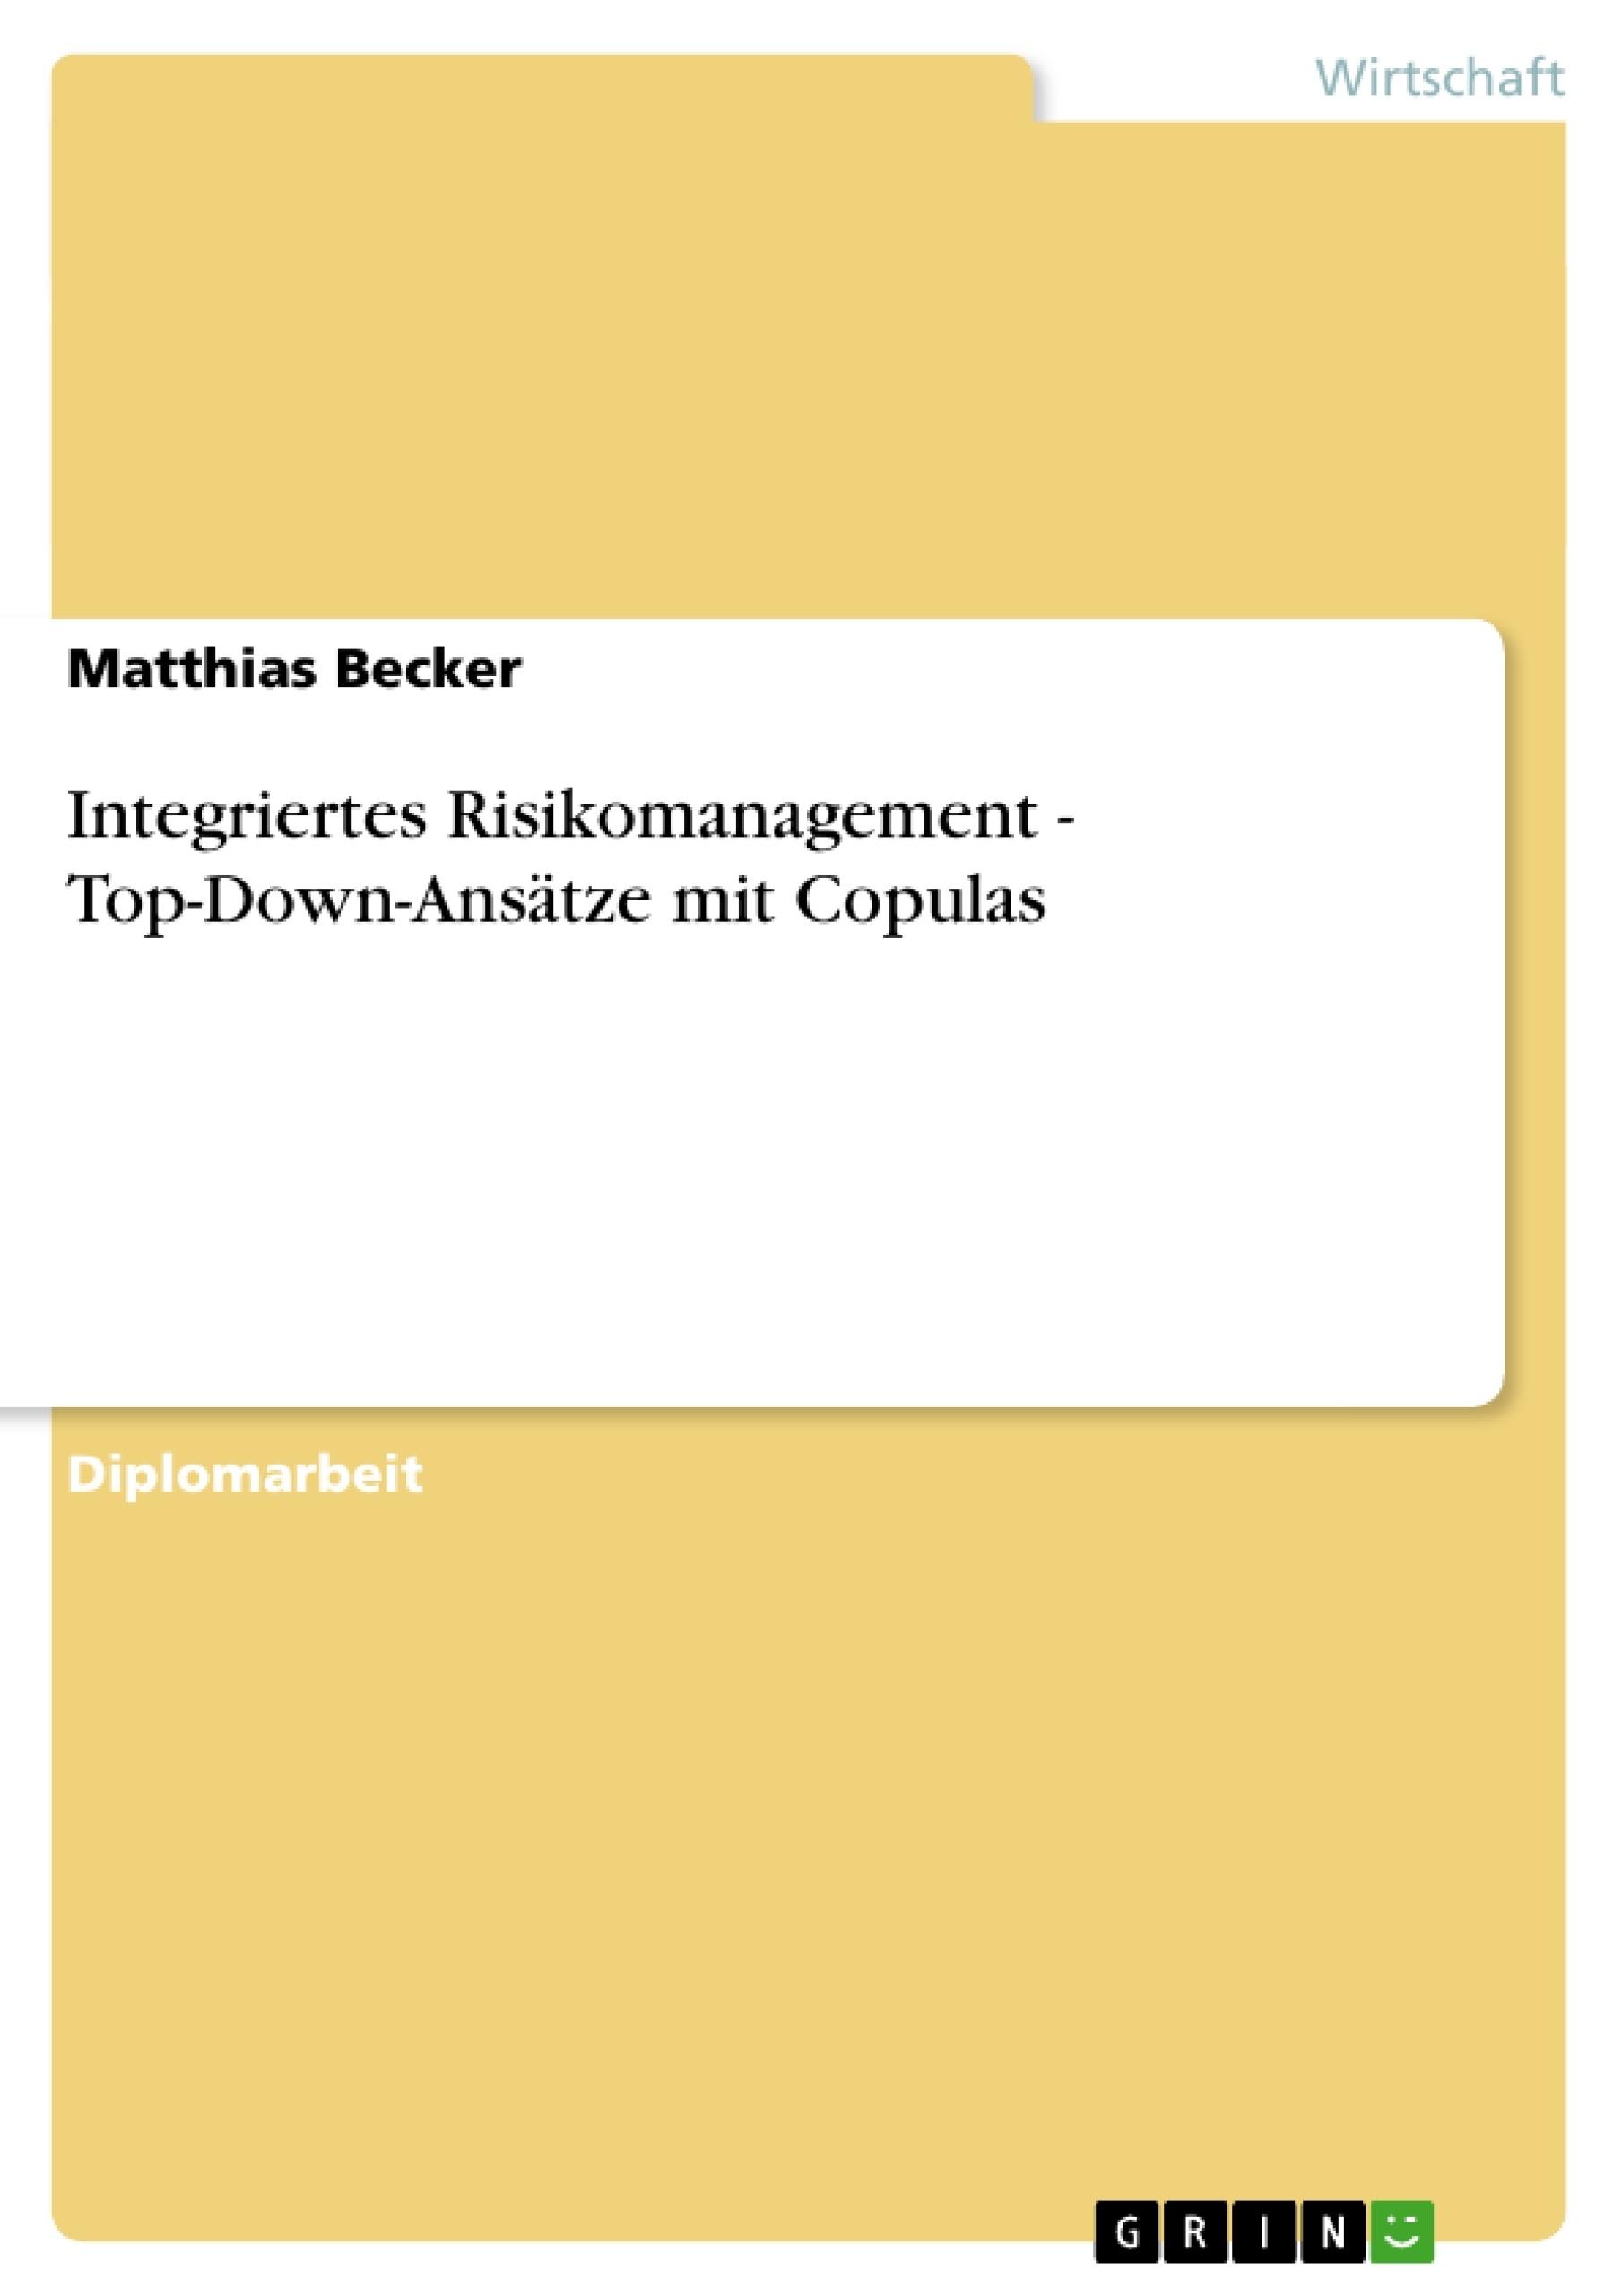 Titel: Integriertes Risikomanagement - Top-Down-Ansätze mit Copulas